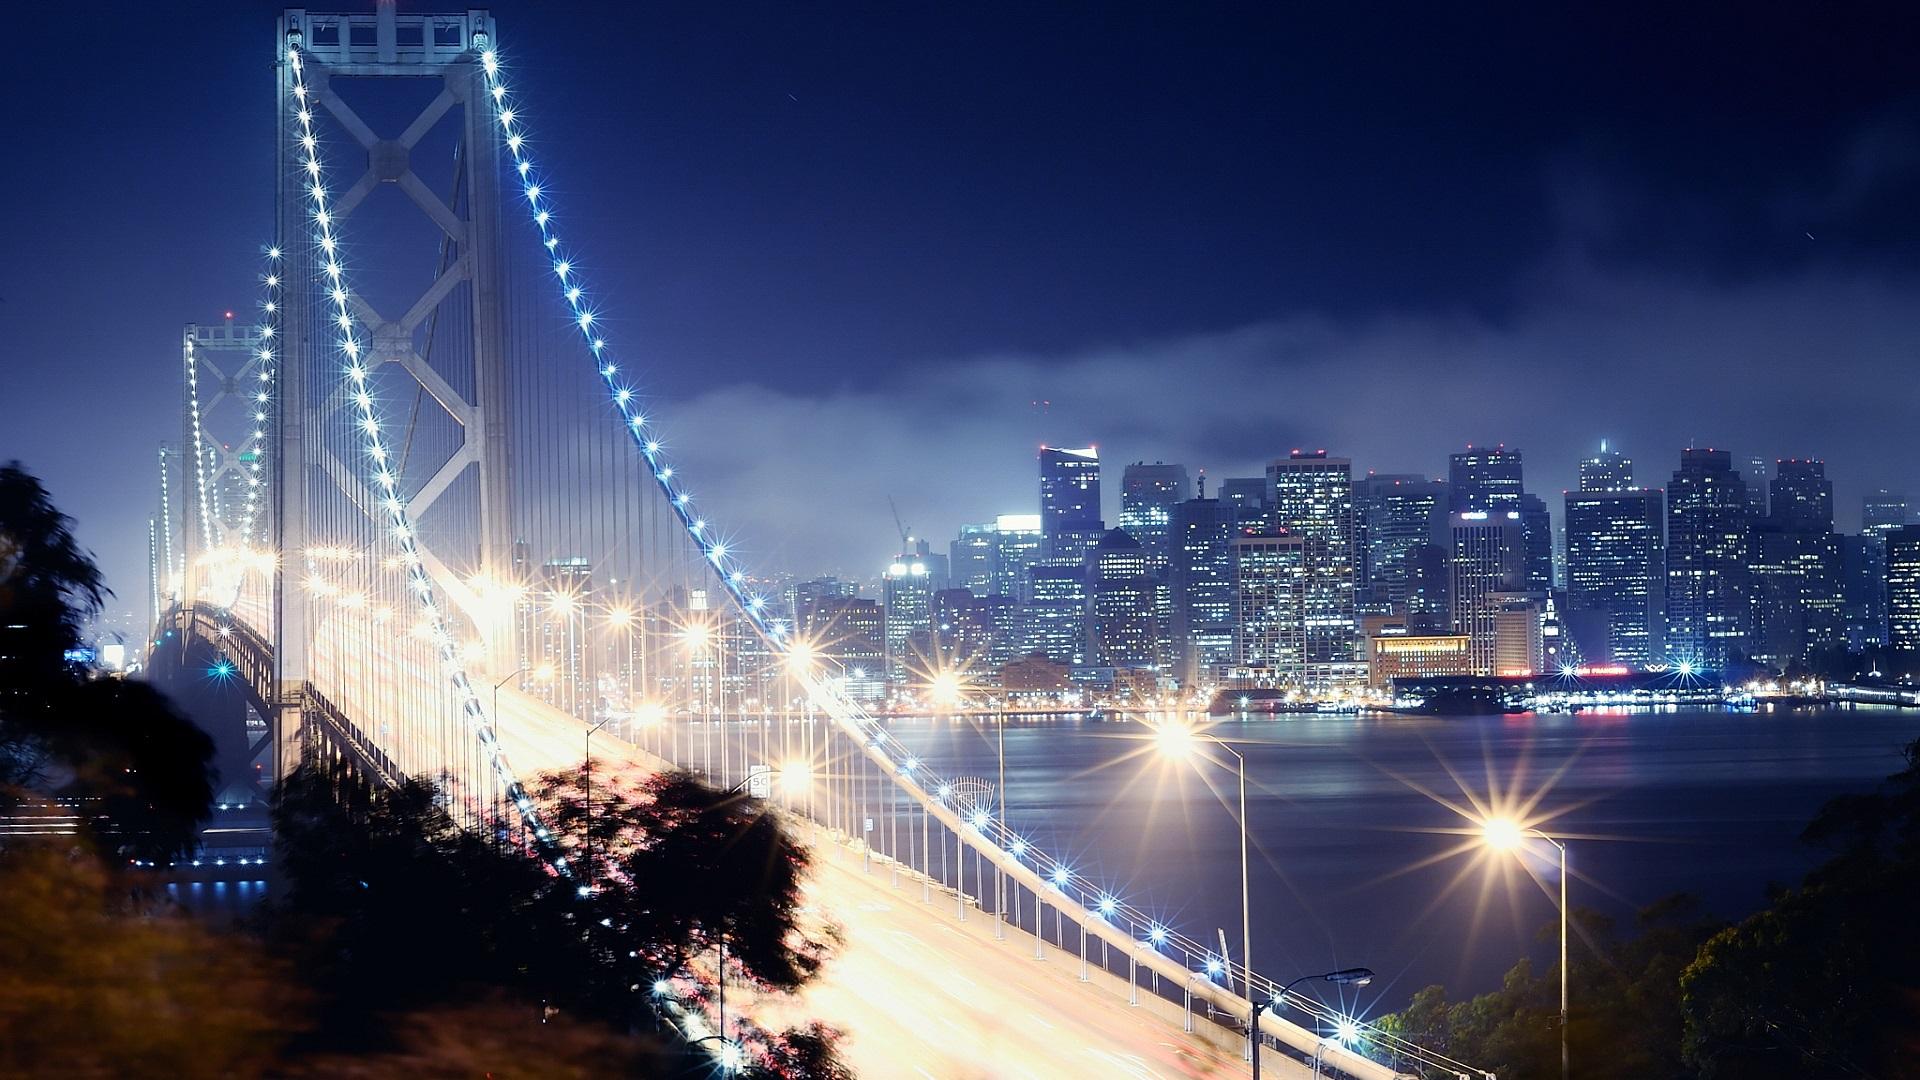 мост освещение город ночь смотреть